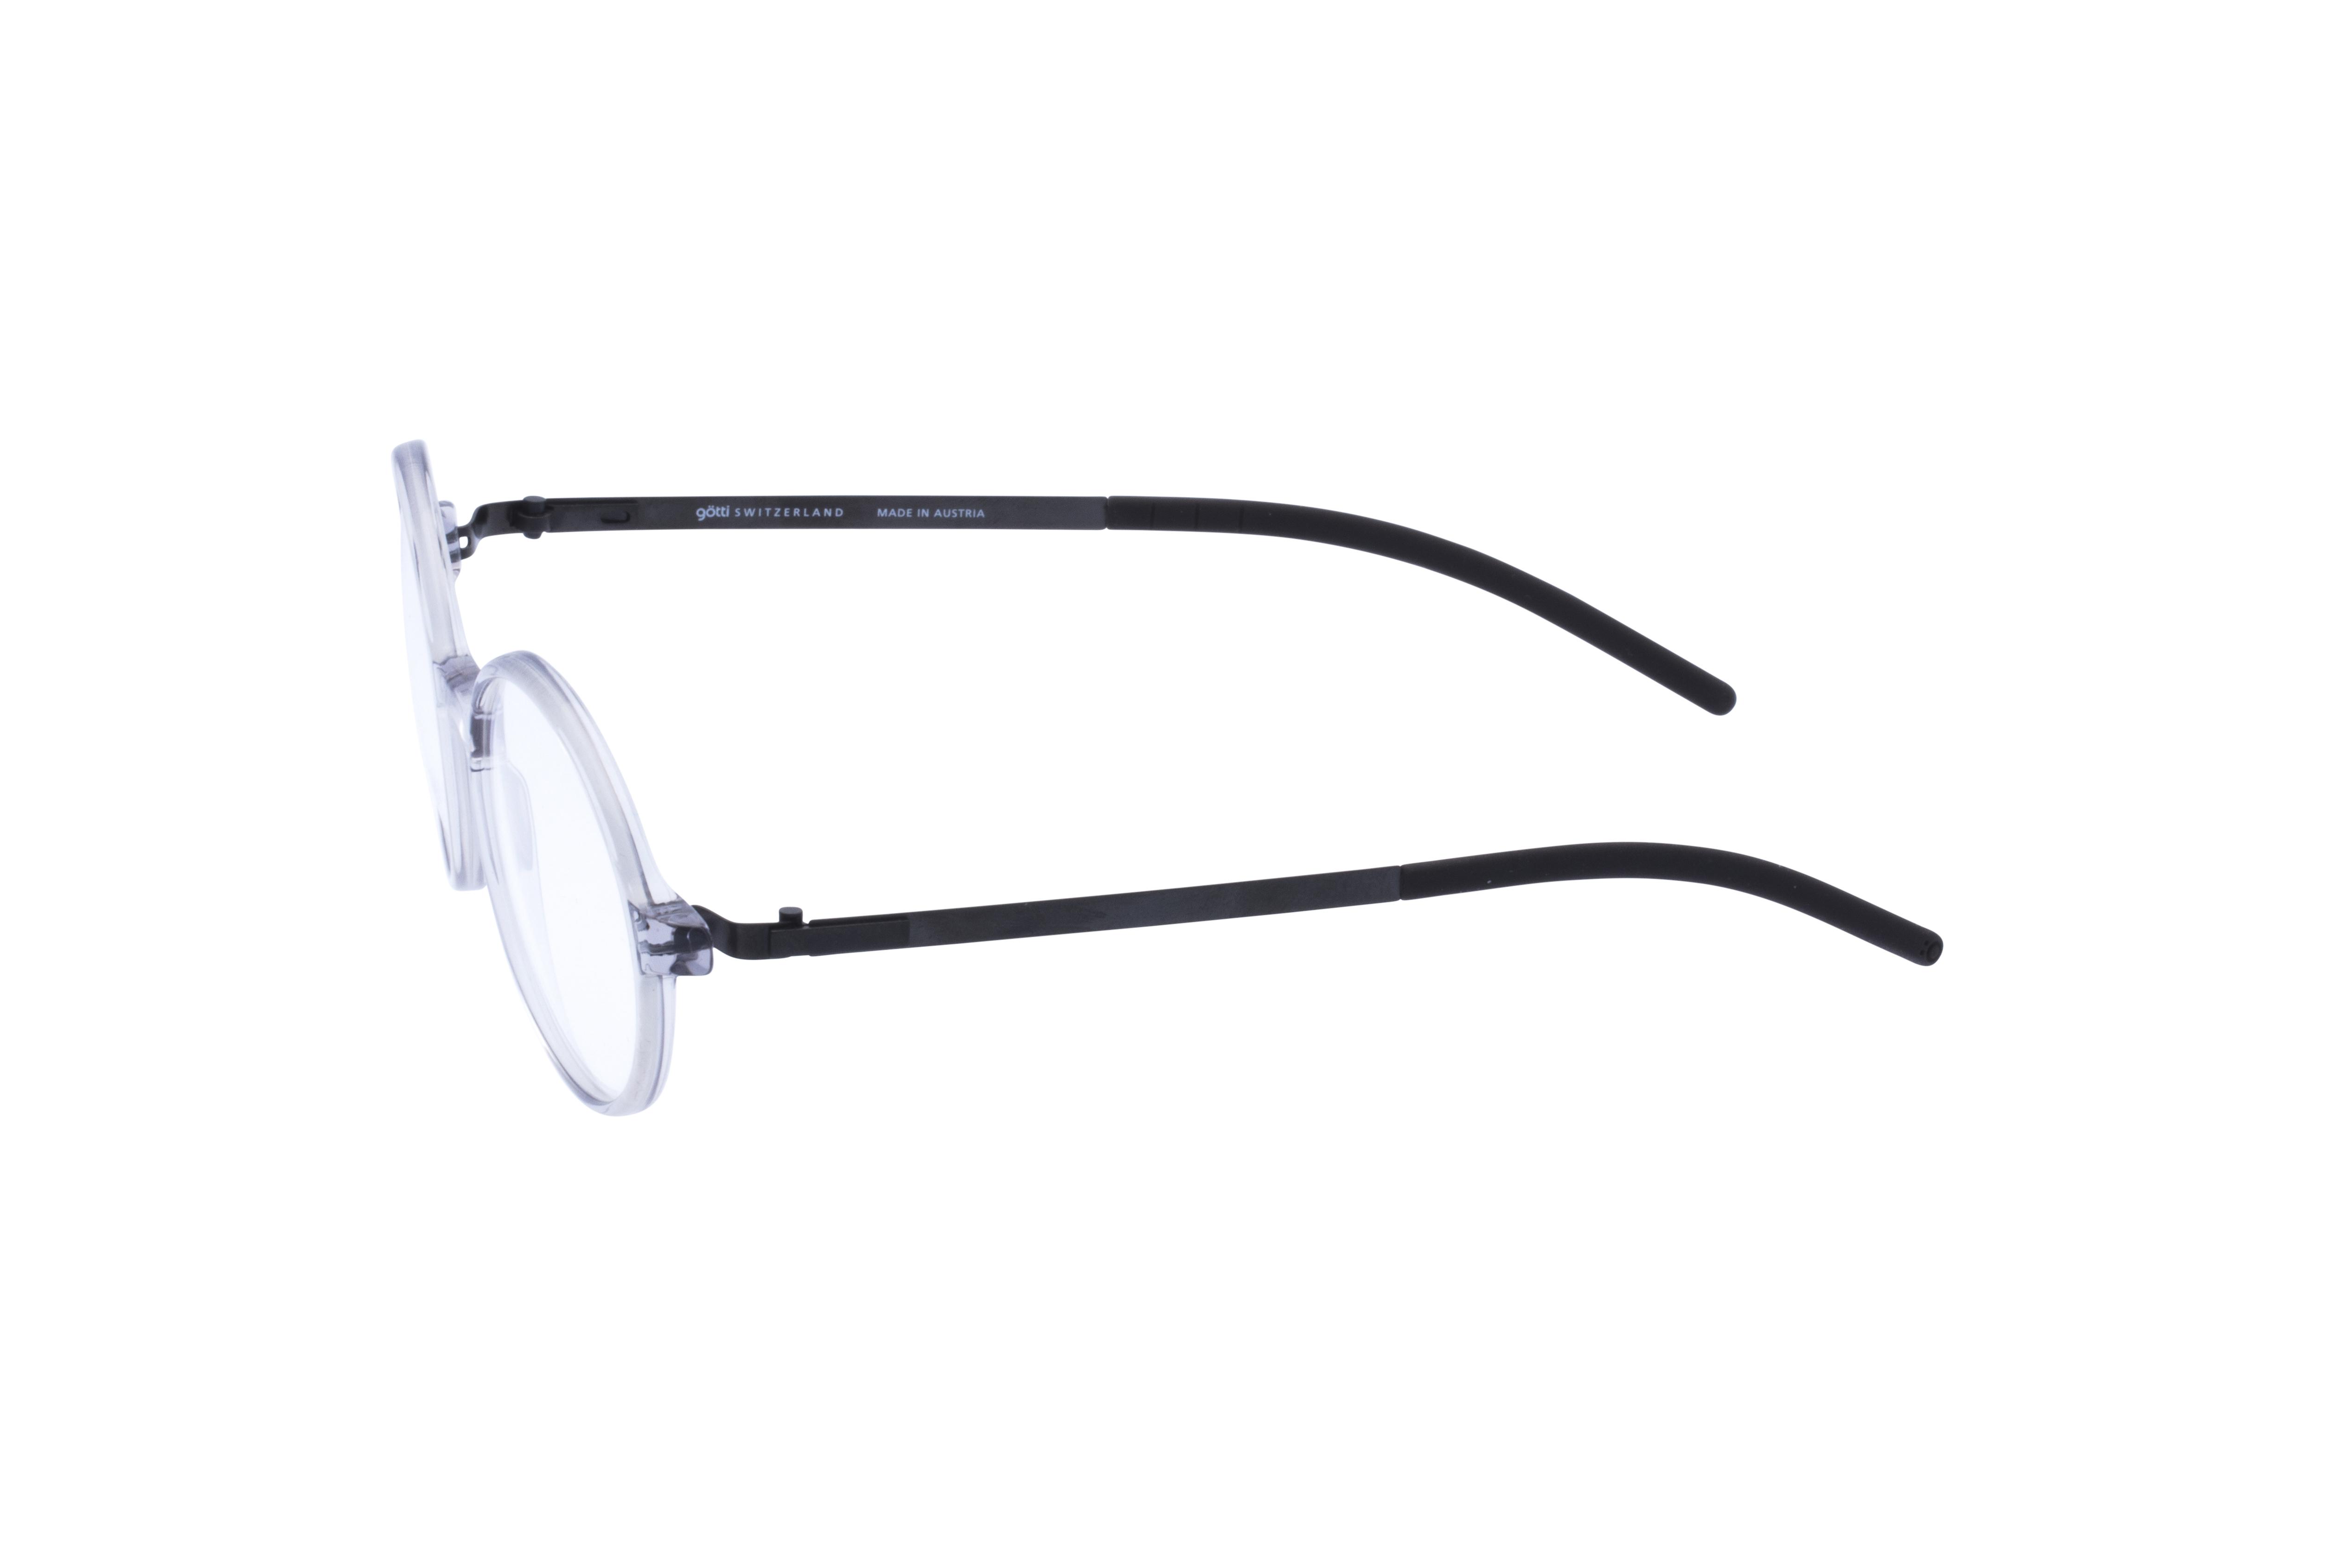 360 Grad Ansicht 19 Götti Sedrin, Brille auf Weiß - Fassung bei KUNK